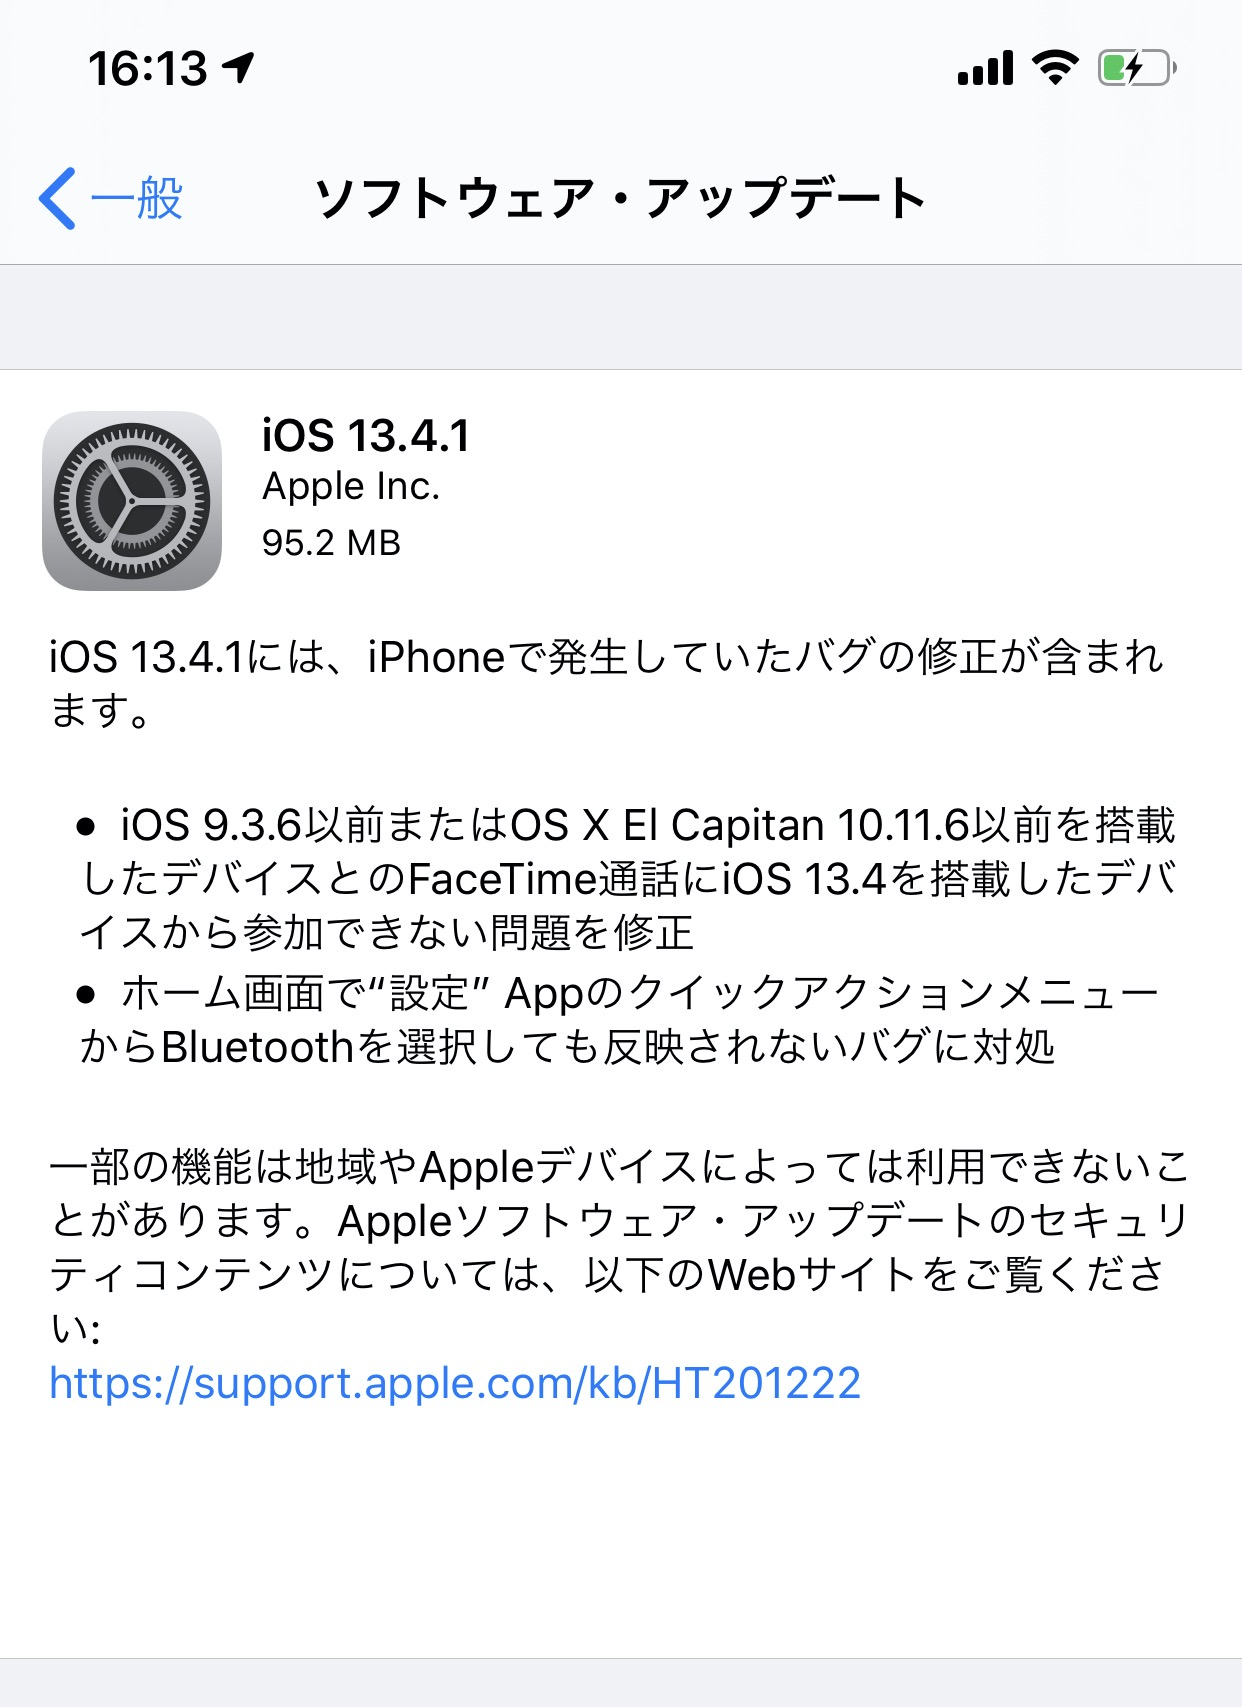 【iOS 13】バグ修正を含む「iOS 13.4.1 ソフトウェアアップデート」リリース